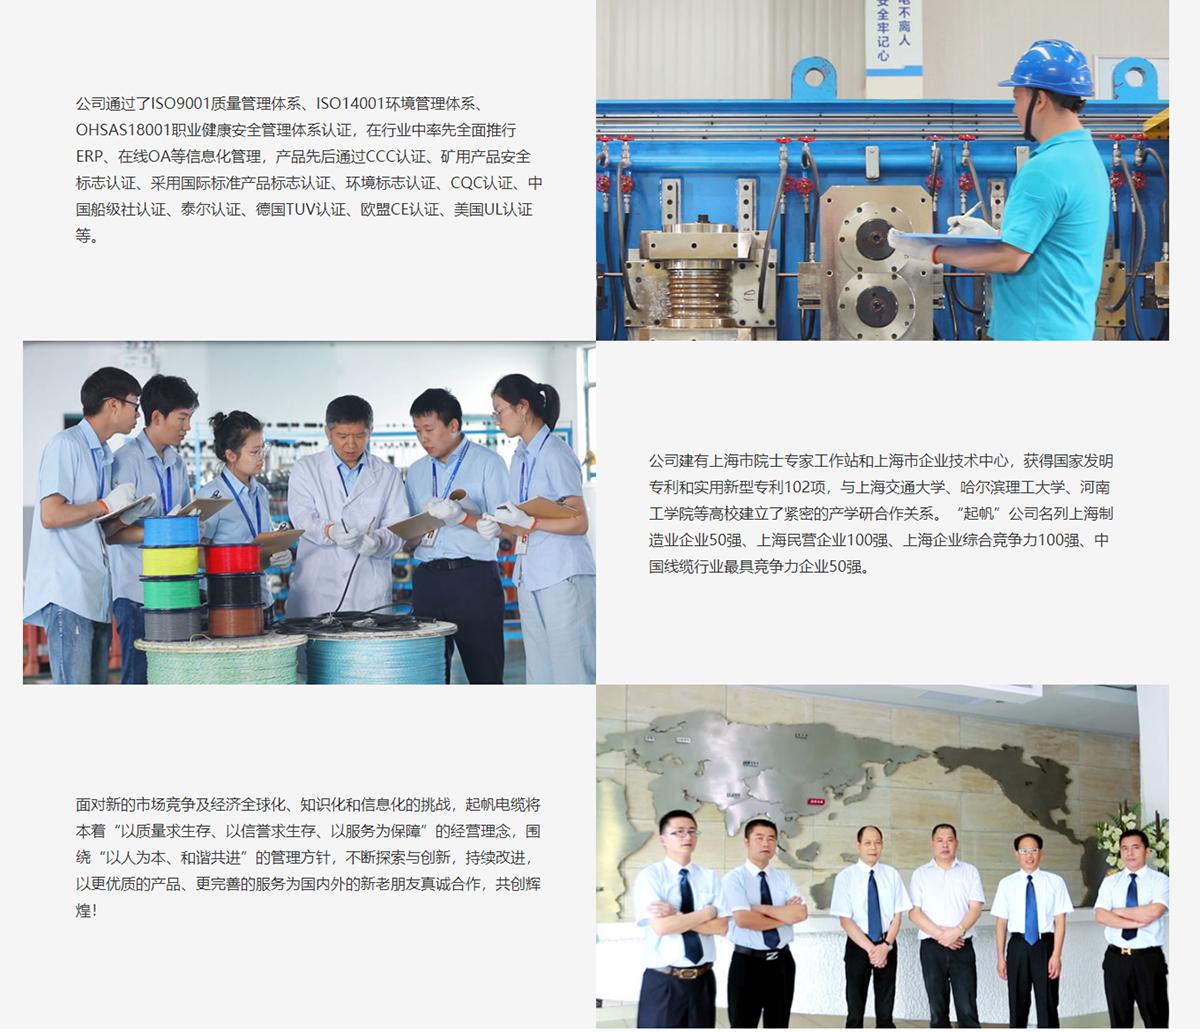 关于我们-上海起帆电缆股份有限公司_02.jpg